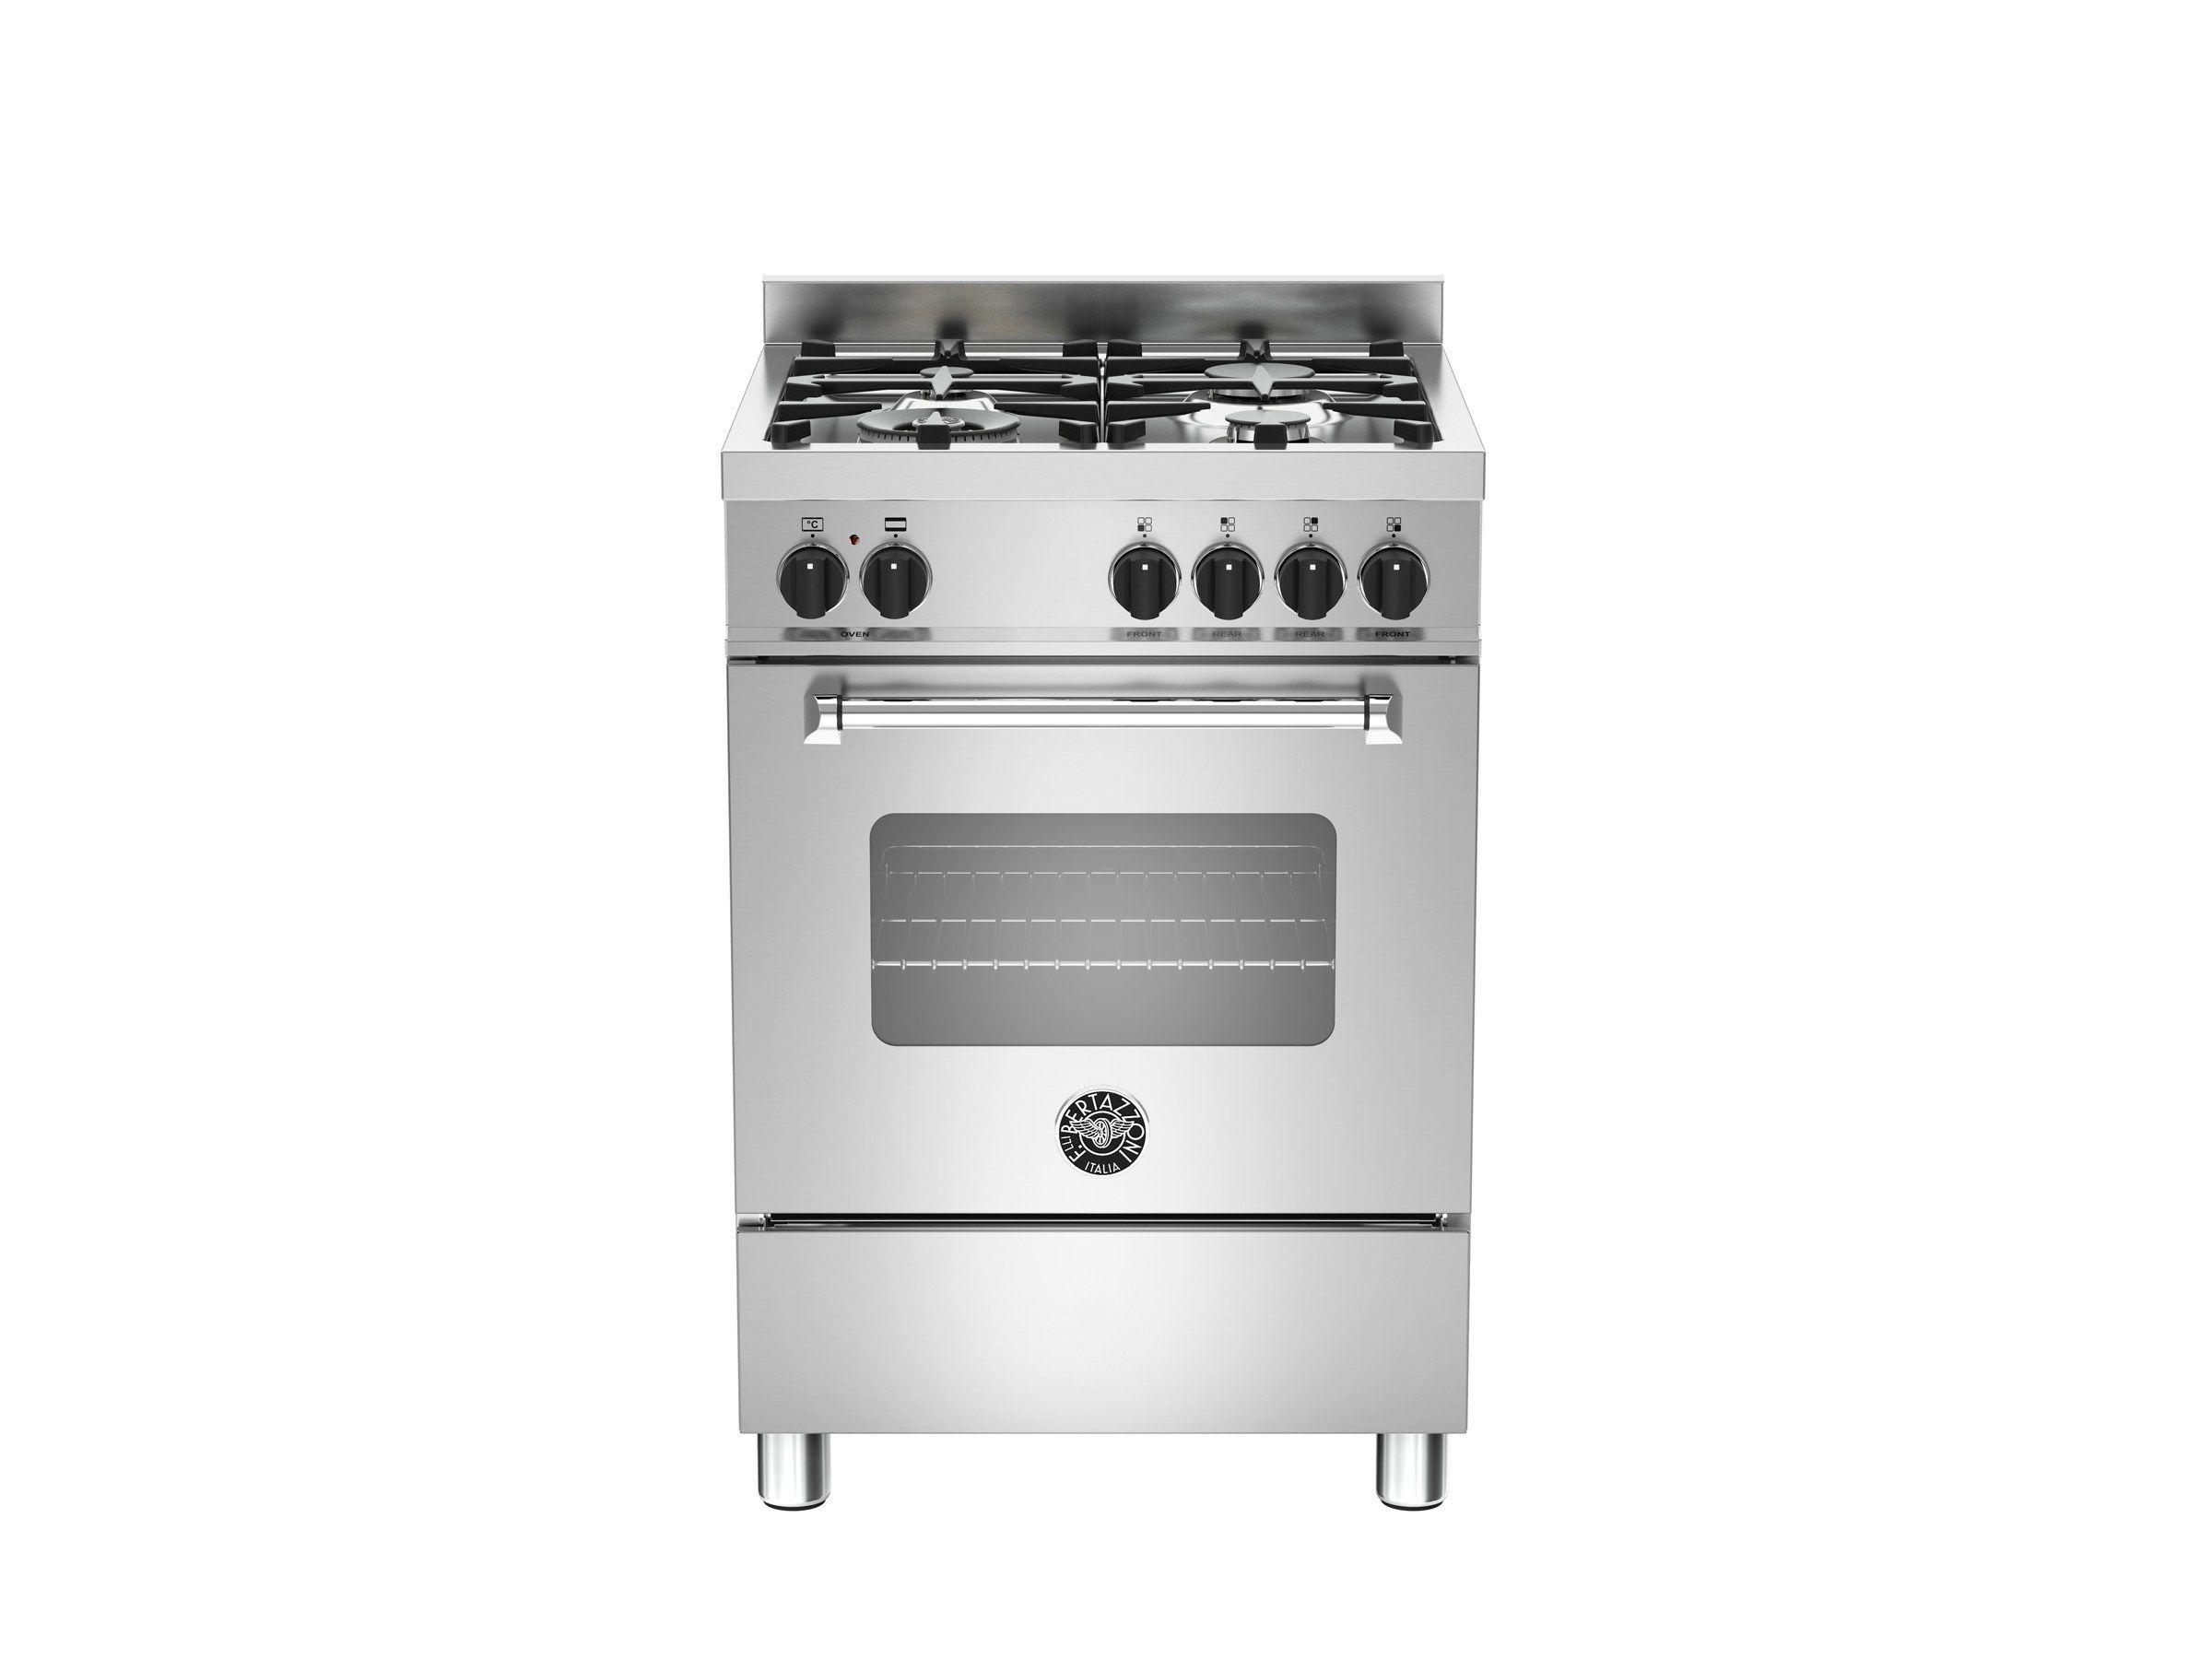 Cucina a libera installazione professionale master mas60 - Cucine a gas libera installazione ...